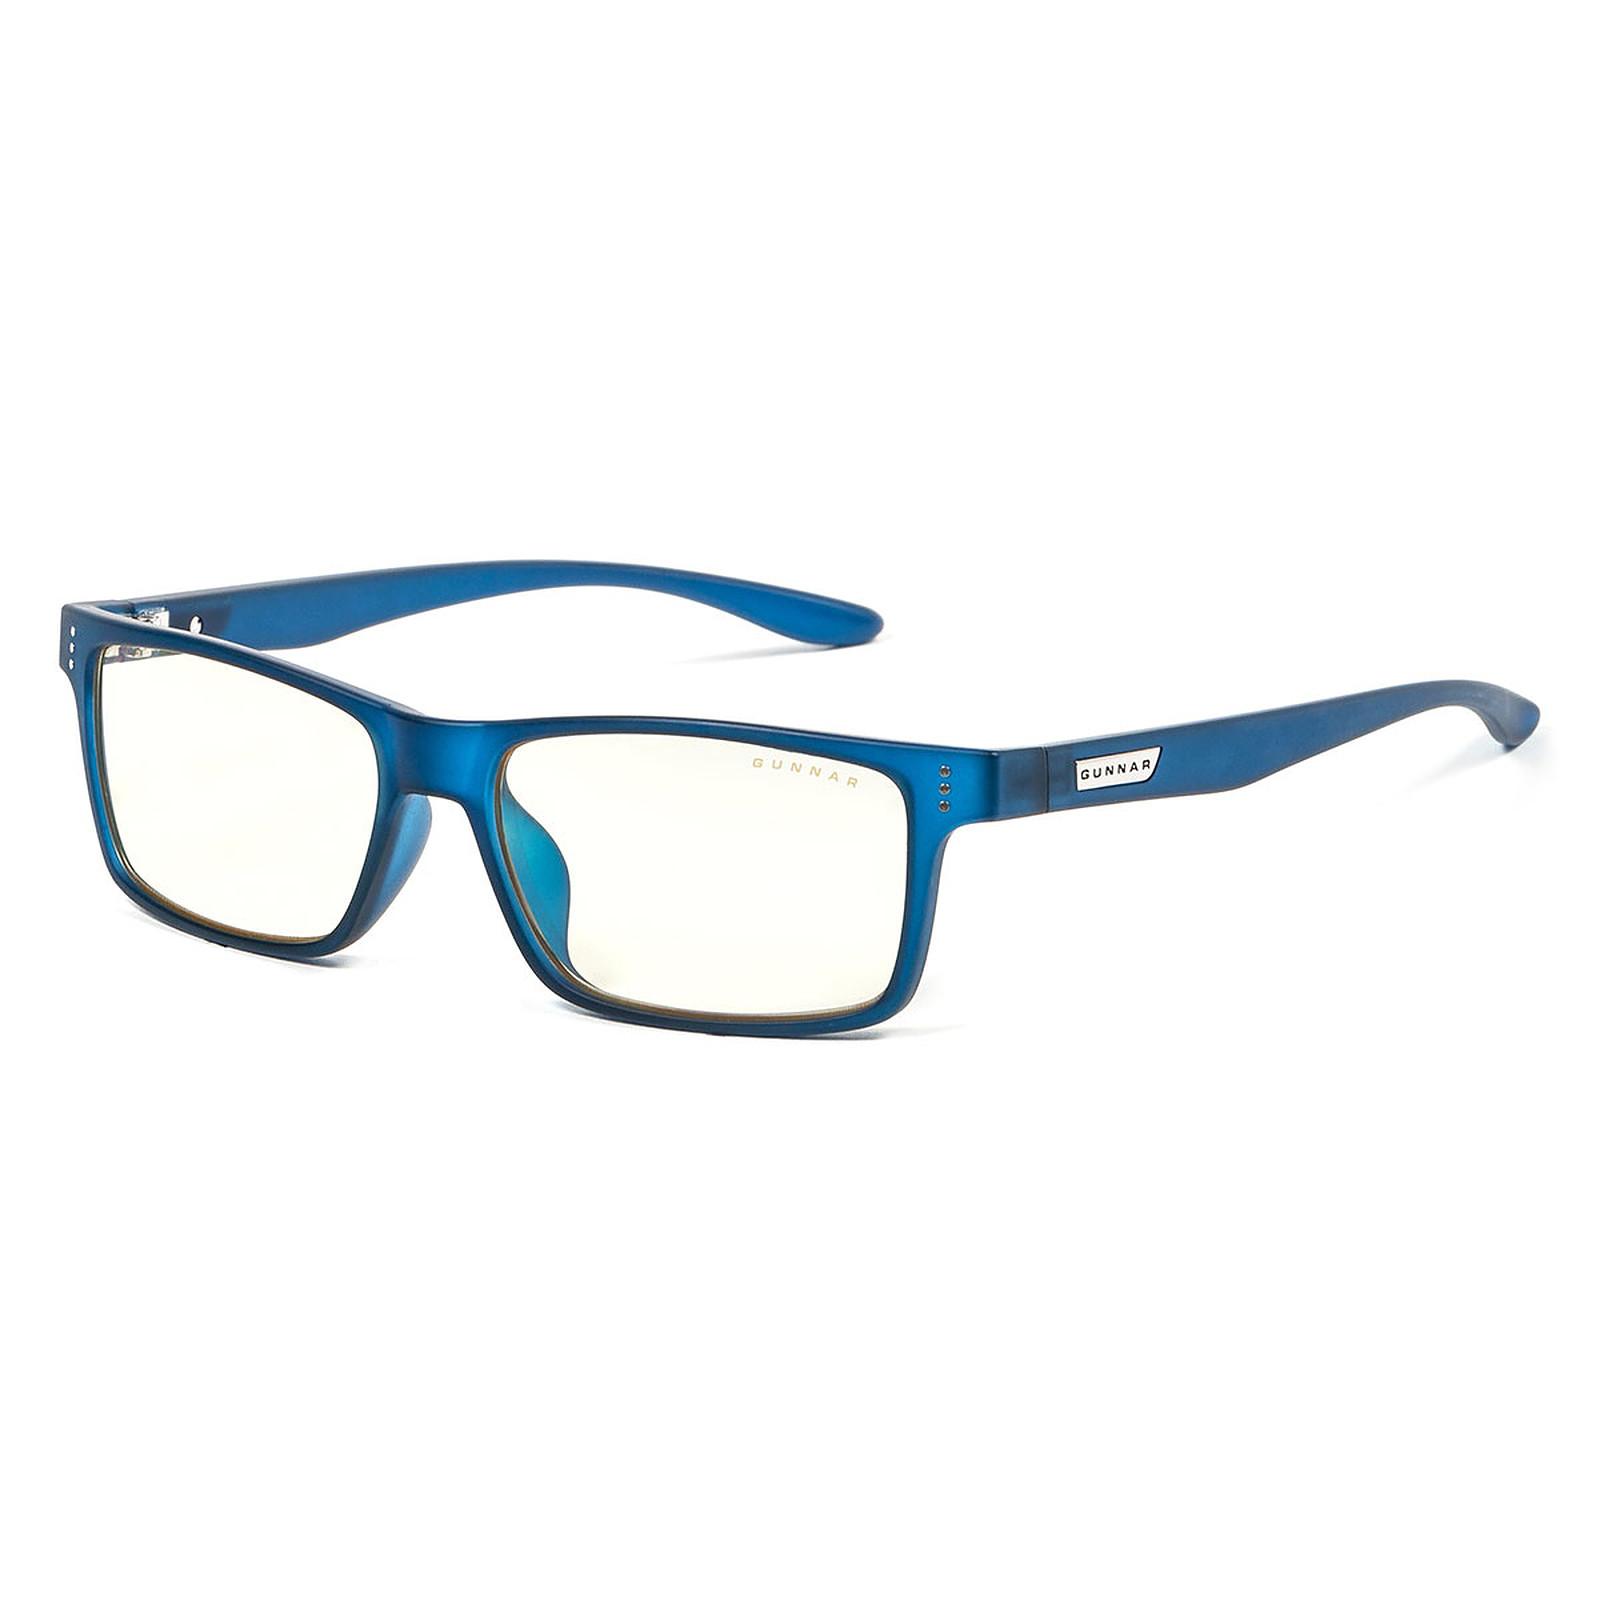 GUNNAR Cruz Bleu (clear)